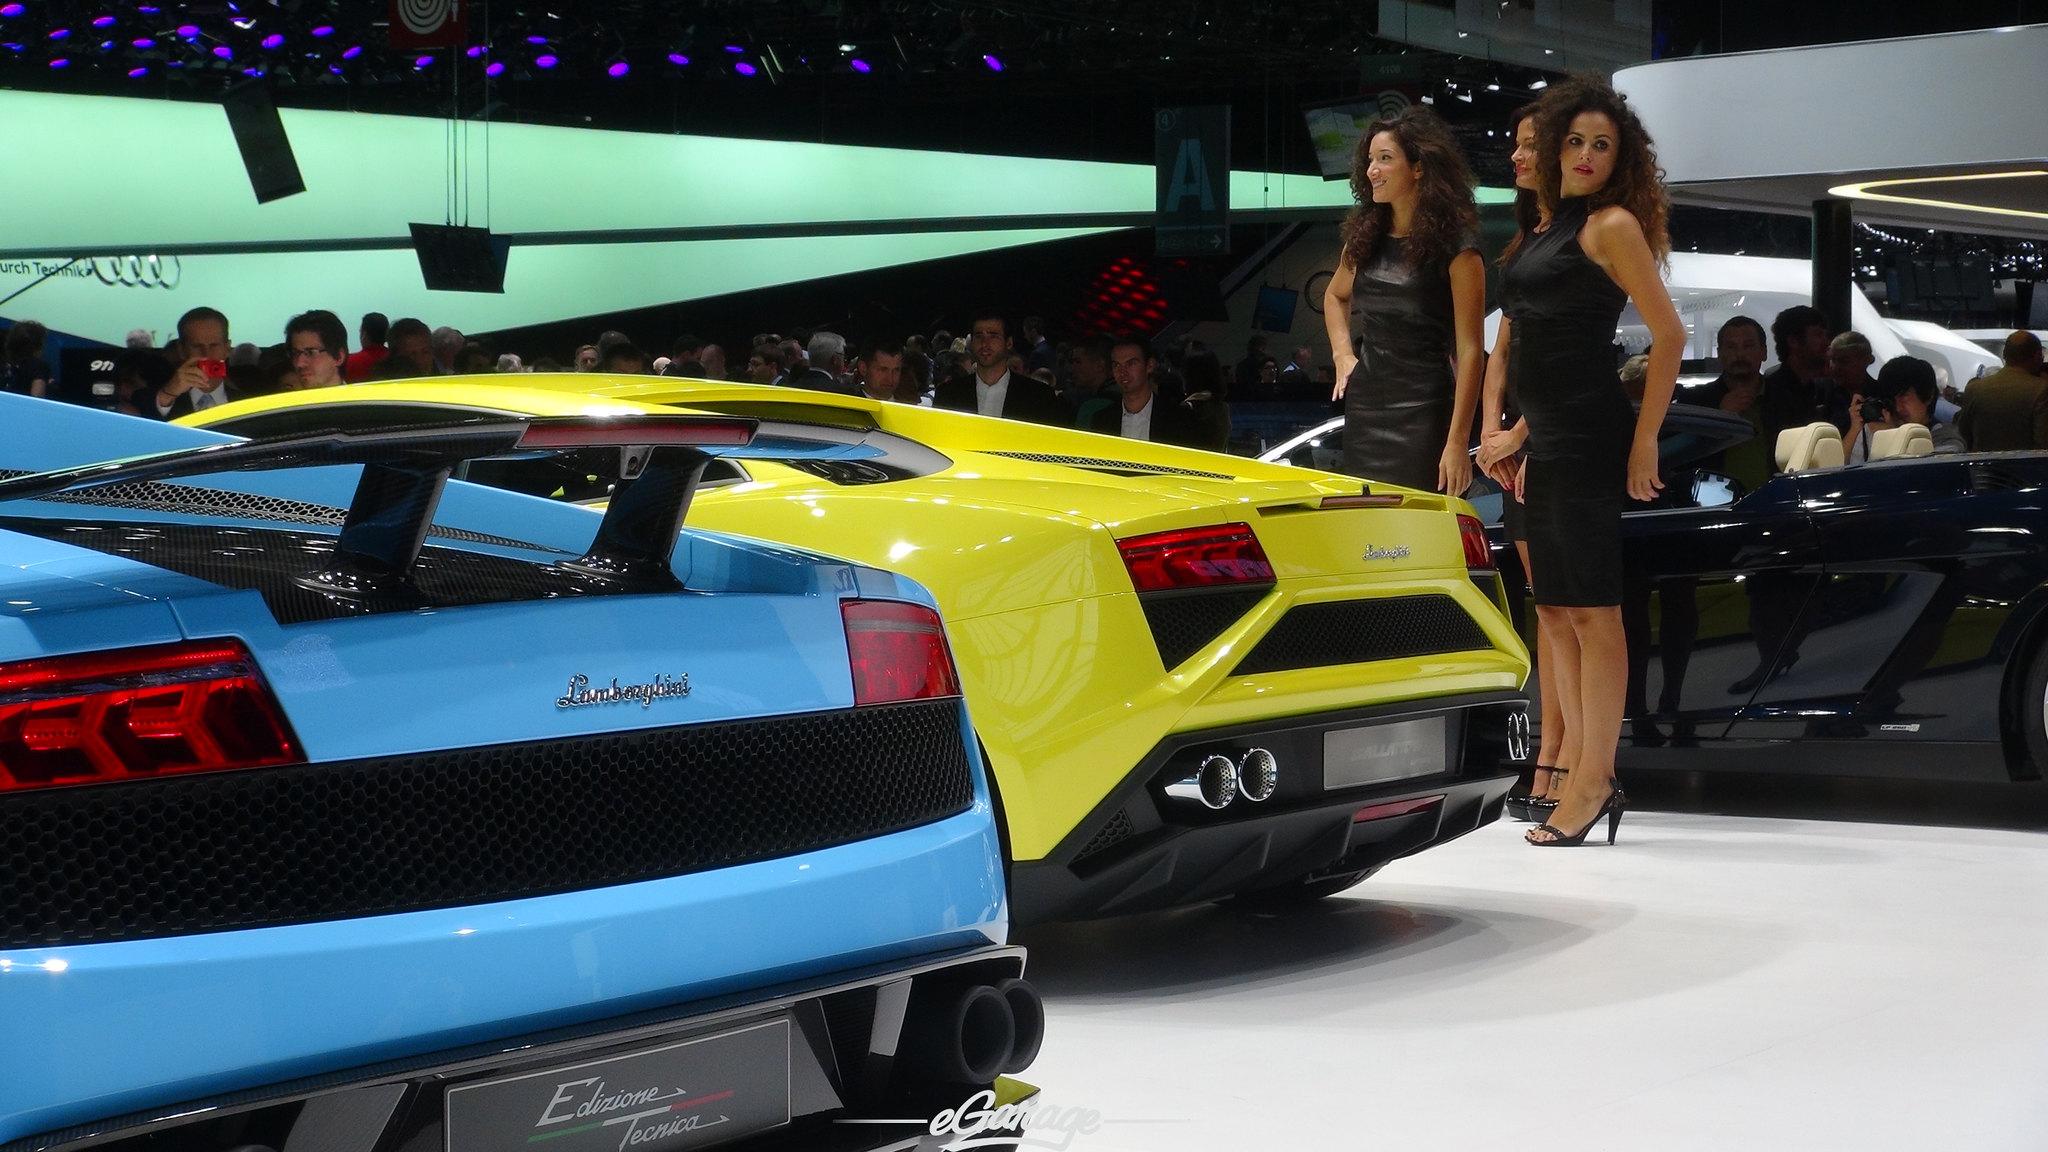 8034738695 ba3c9e0e51 k 2012 Paris Motor Show